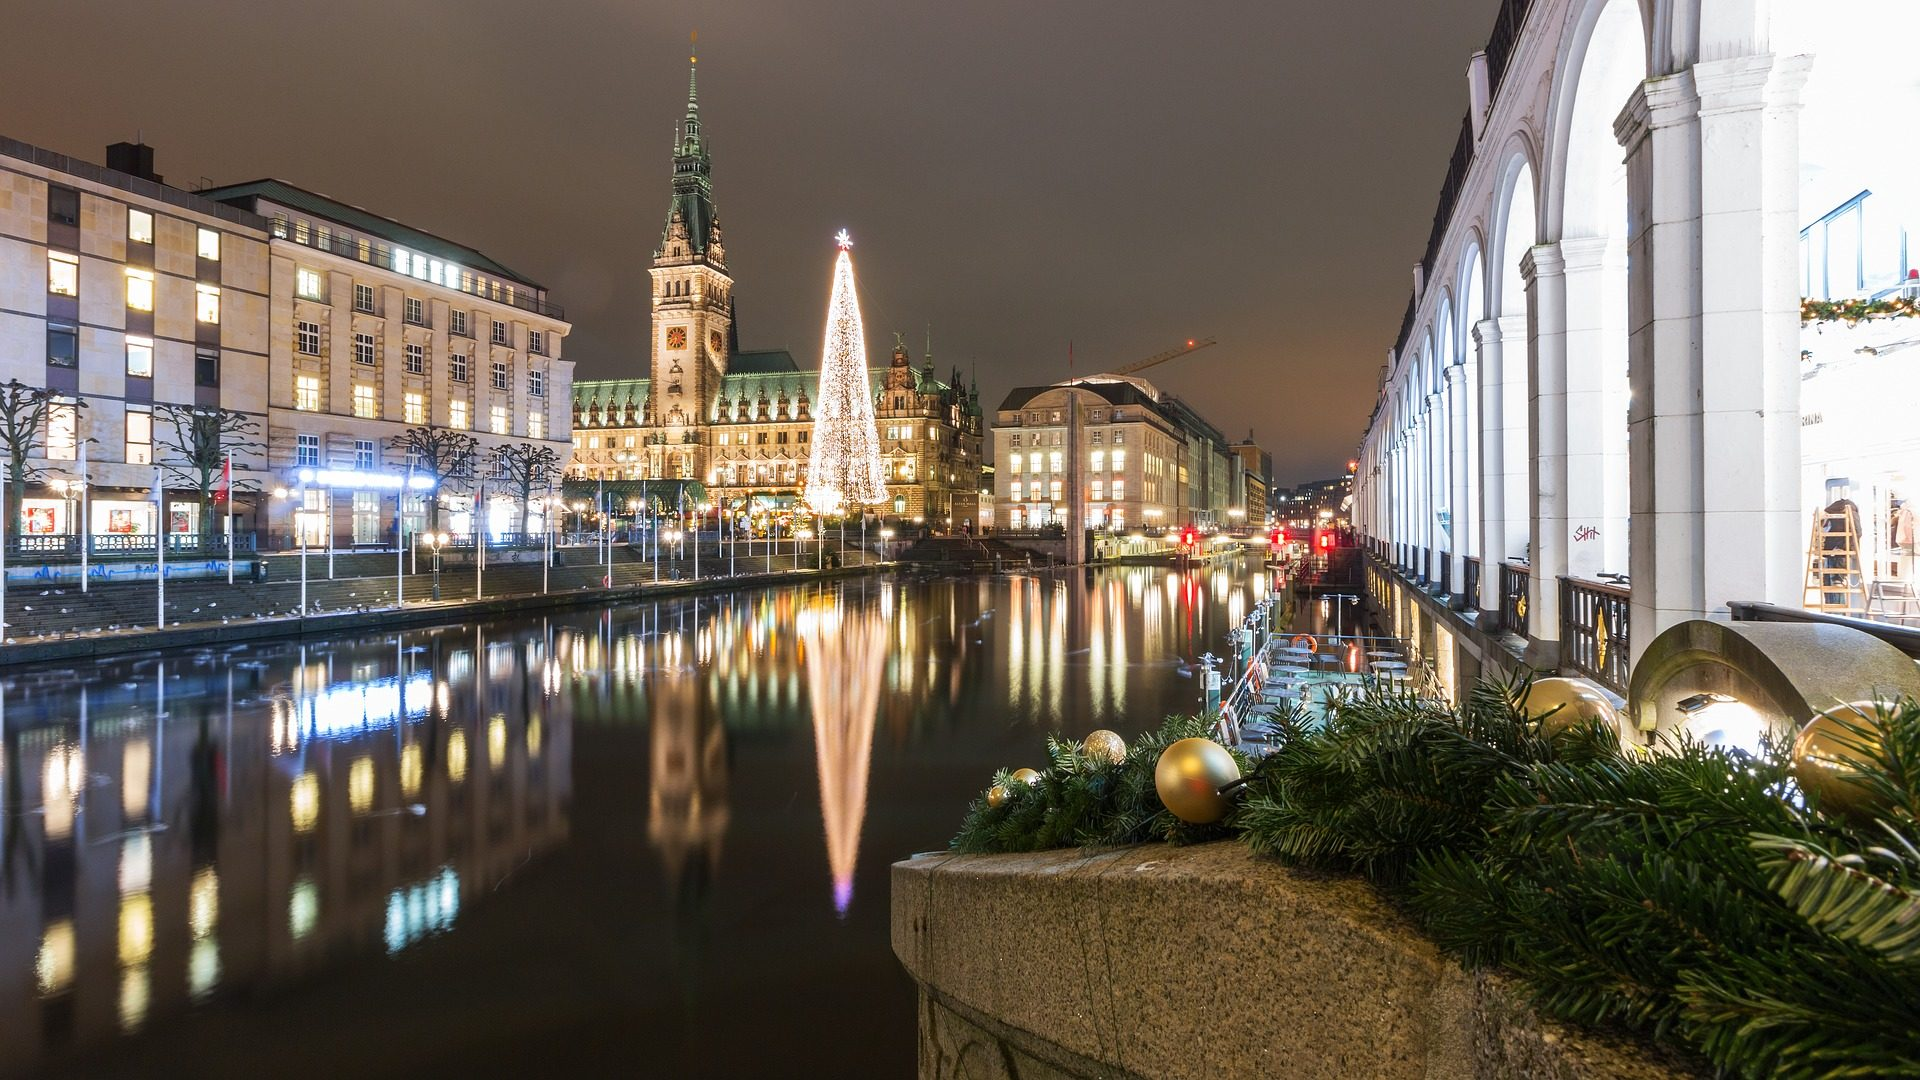 市, ライト, 装飾品, 装飾, クリスマス, hamburgo - HD の壁紙 - 教授-falken.com